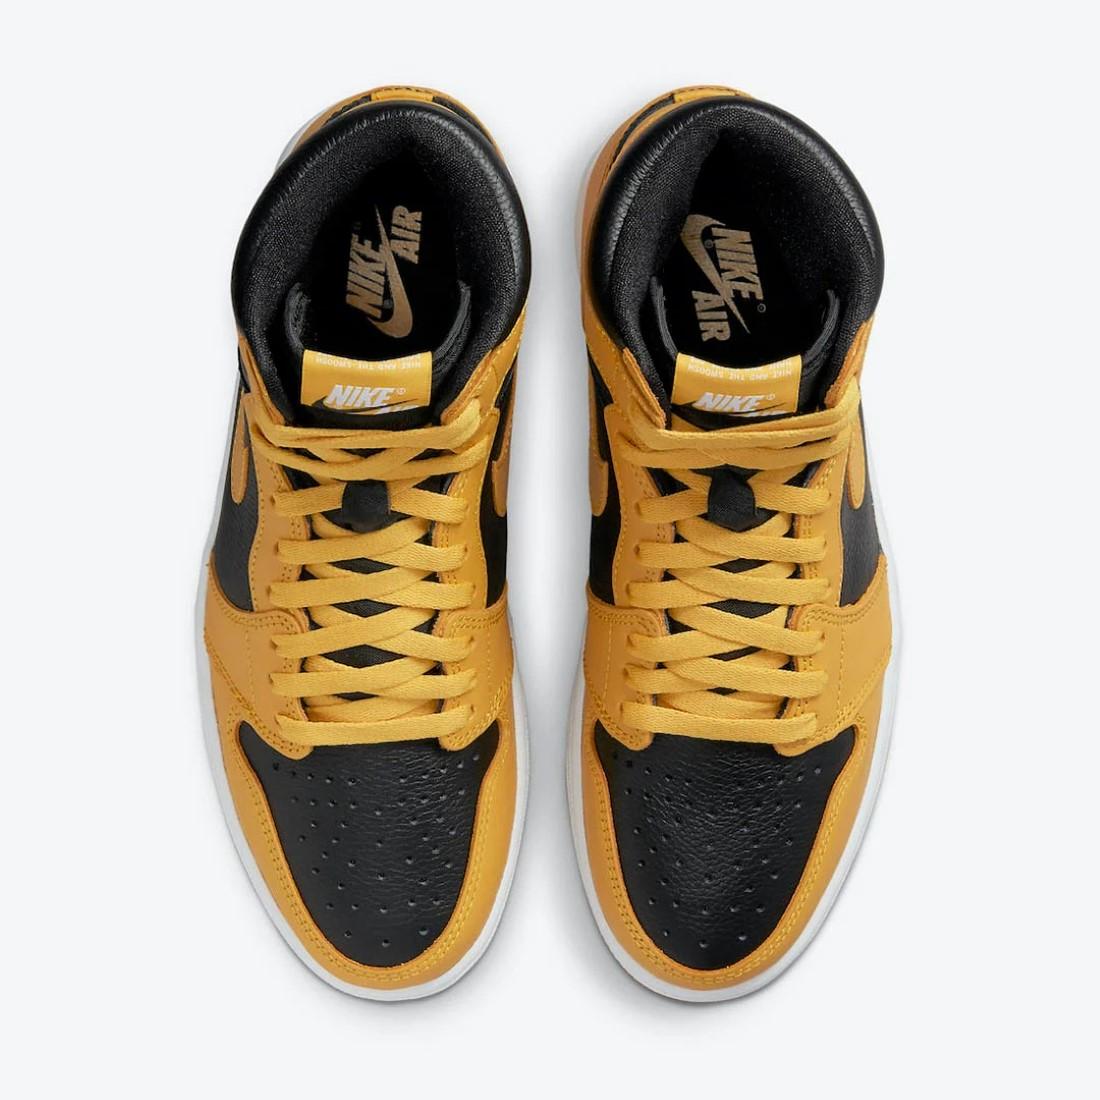 Air Jordan 1 Retro High OG Pollen